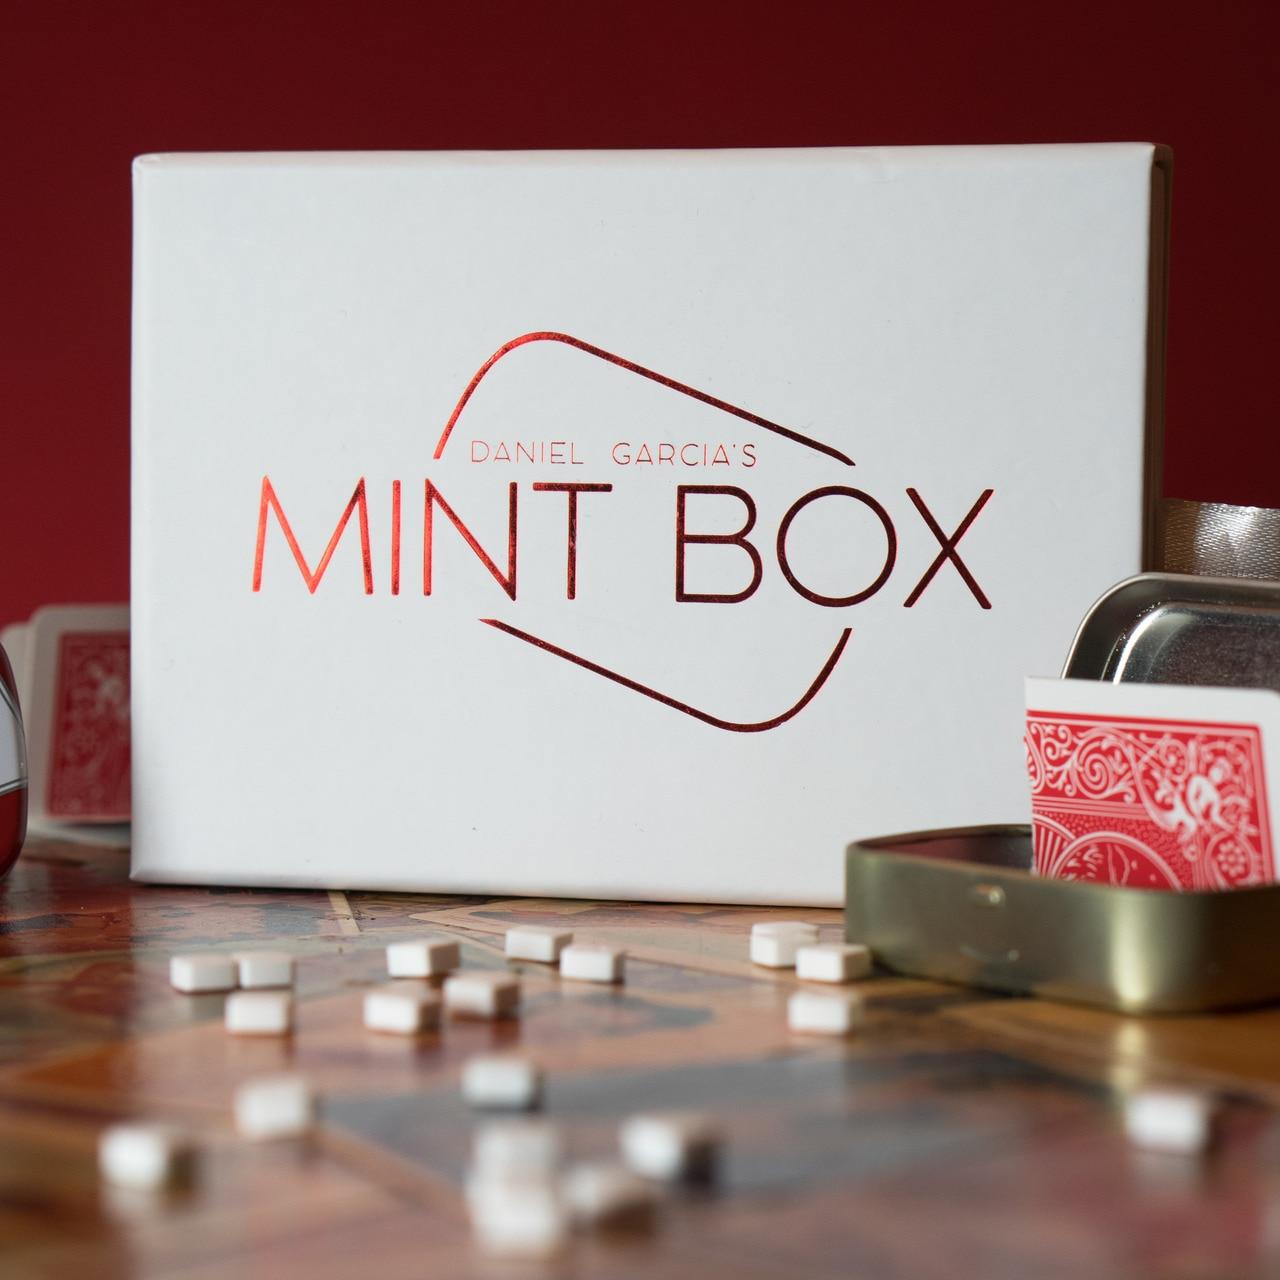 Mint Box By Daniel Garcia,Magic Tricks